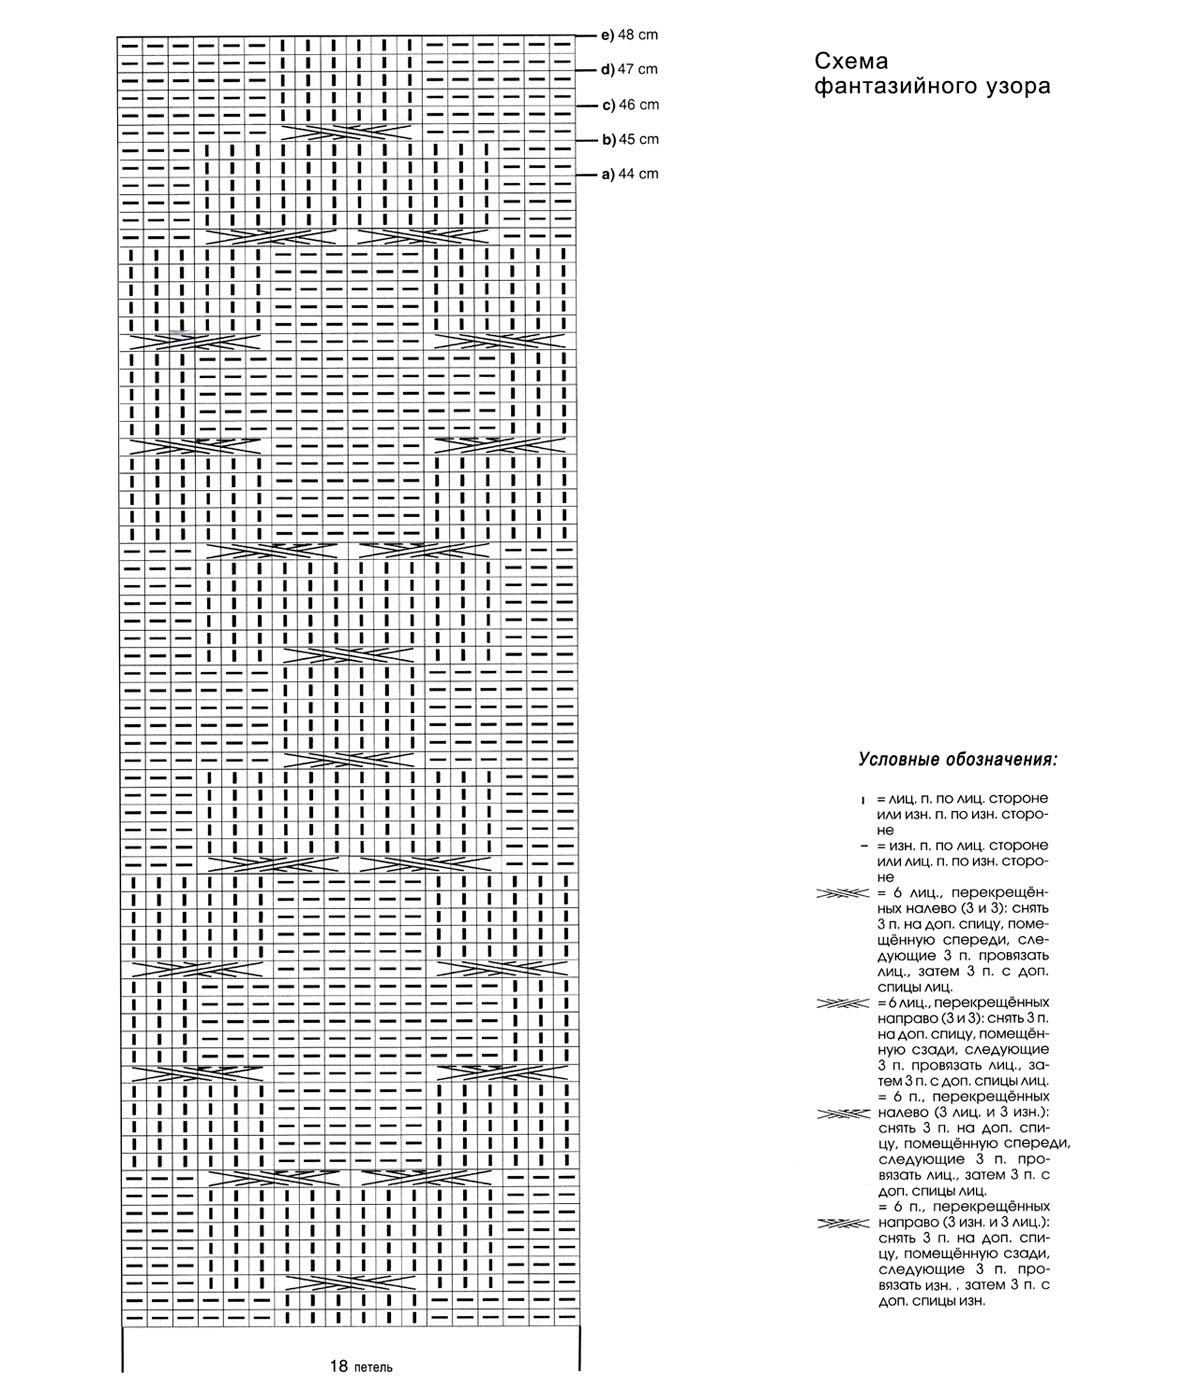 Жилет спицами с крупным узором схема вязания с подробным описанием